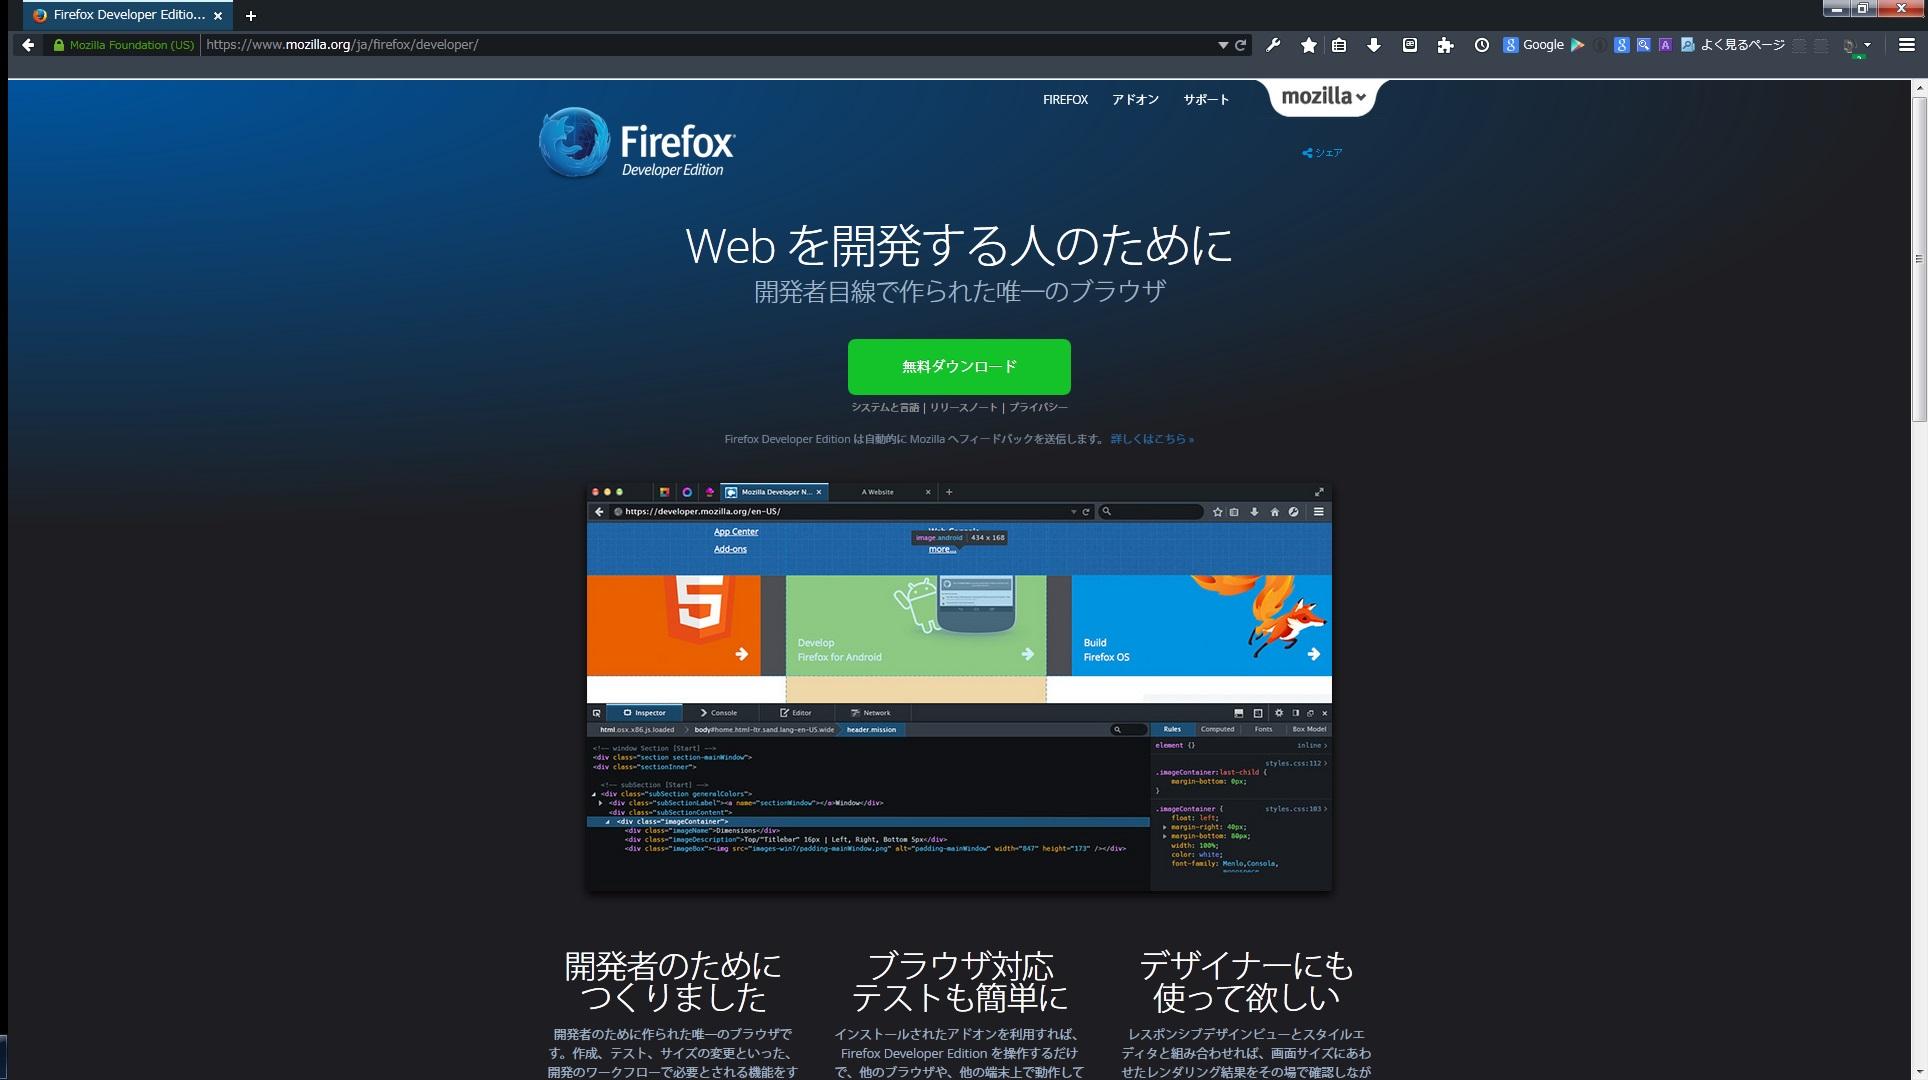 http://f.st-hatena.com/images/fotolife/a/aicezuki2014/20150417/20150417083621_original.jpg?1429227483